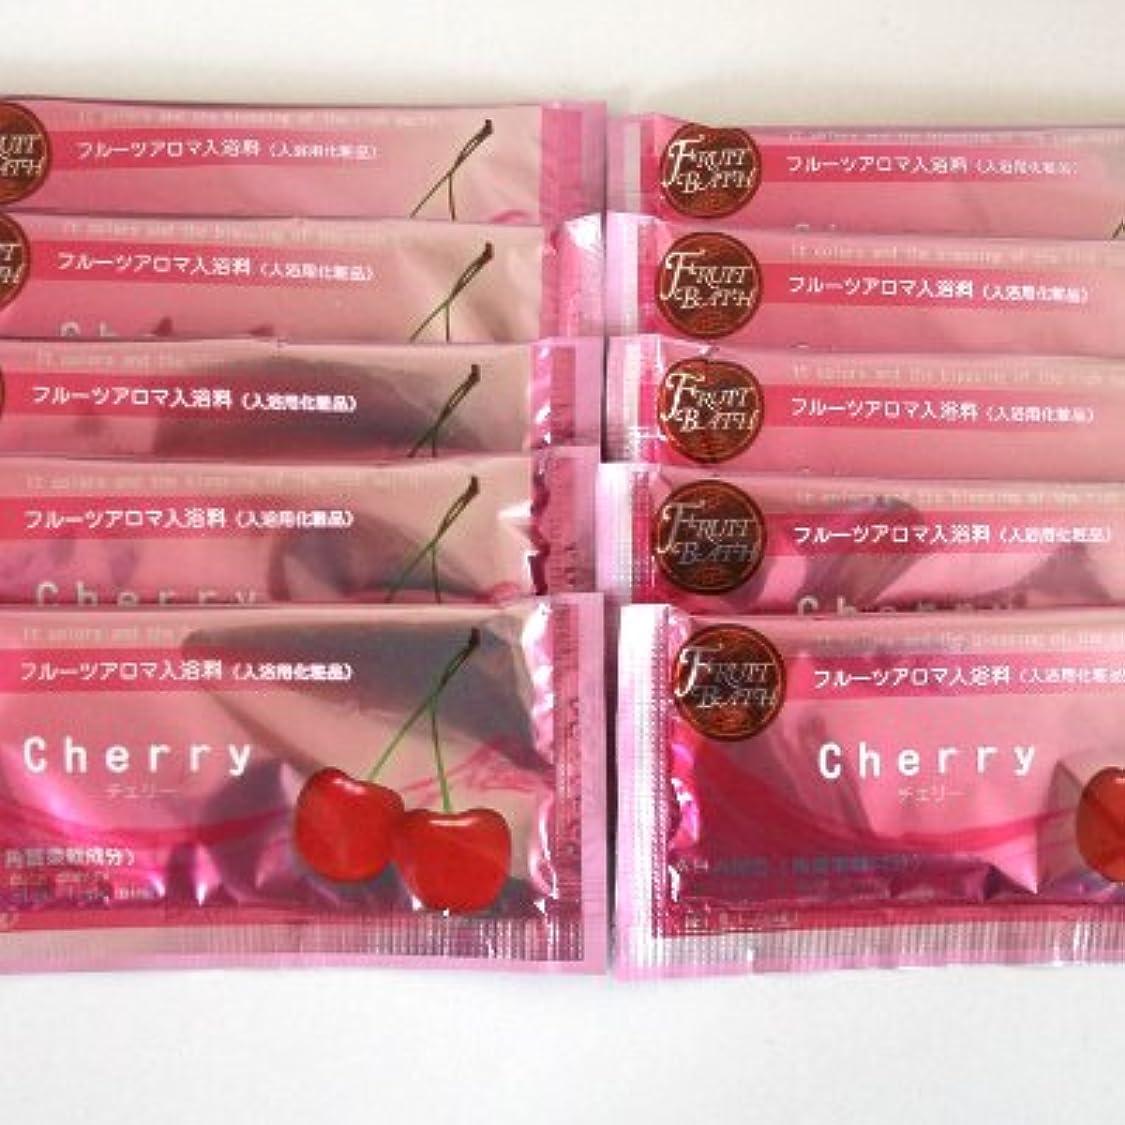 ハチ発表クリップ蝶フルーツアロマ入浴剤 チェリーの香り 10包セット